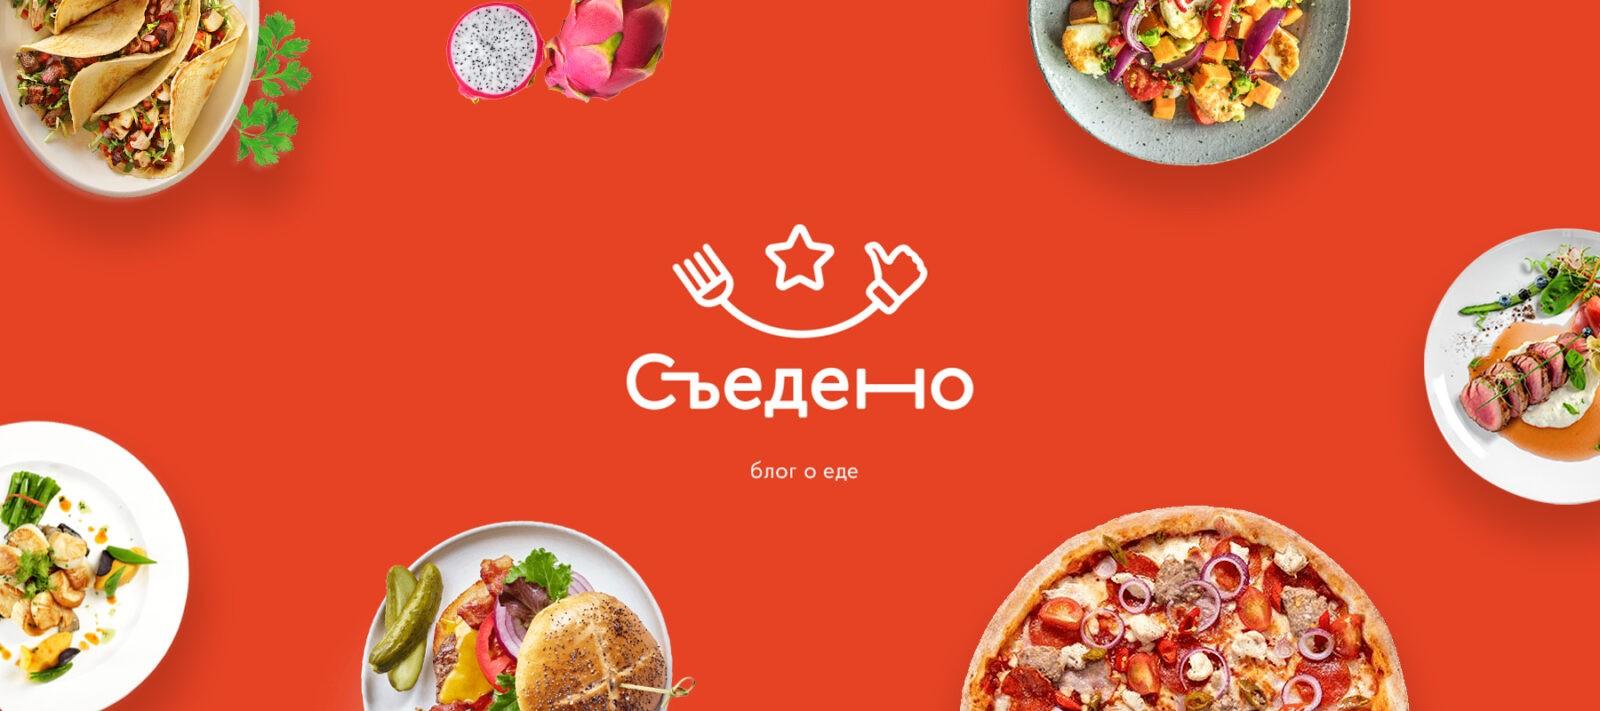 разработка логотипа в Украине